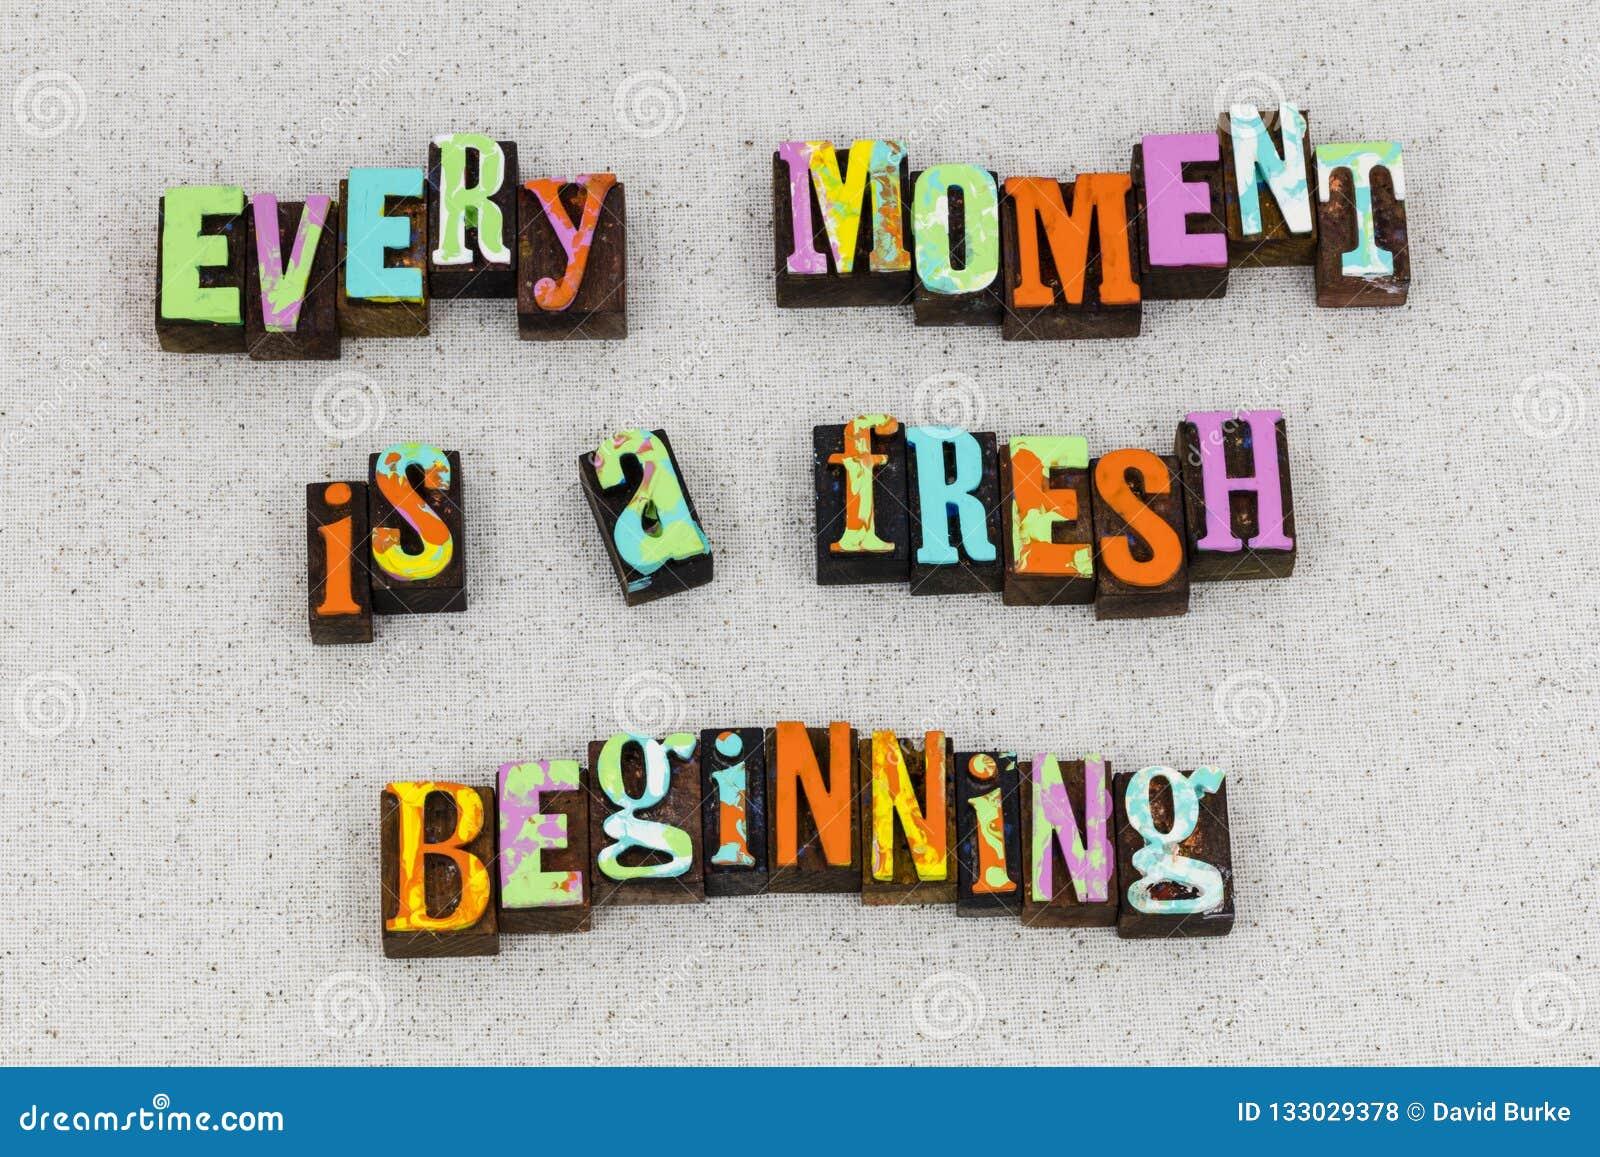 Moment fresh beginning start life